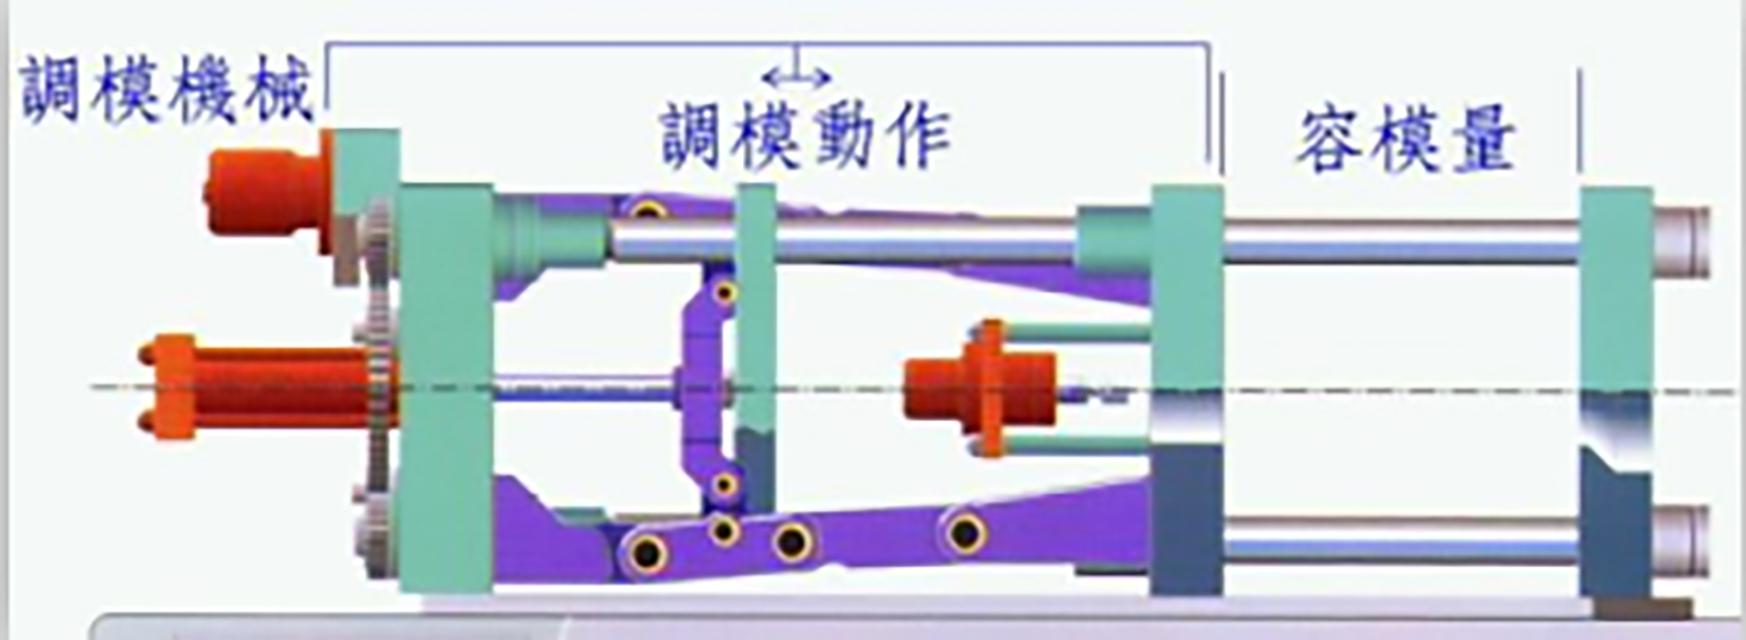 111-注塑机合模、开模控制-配图02